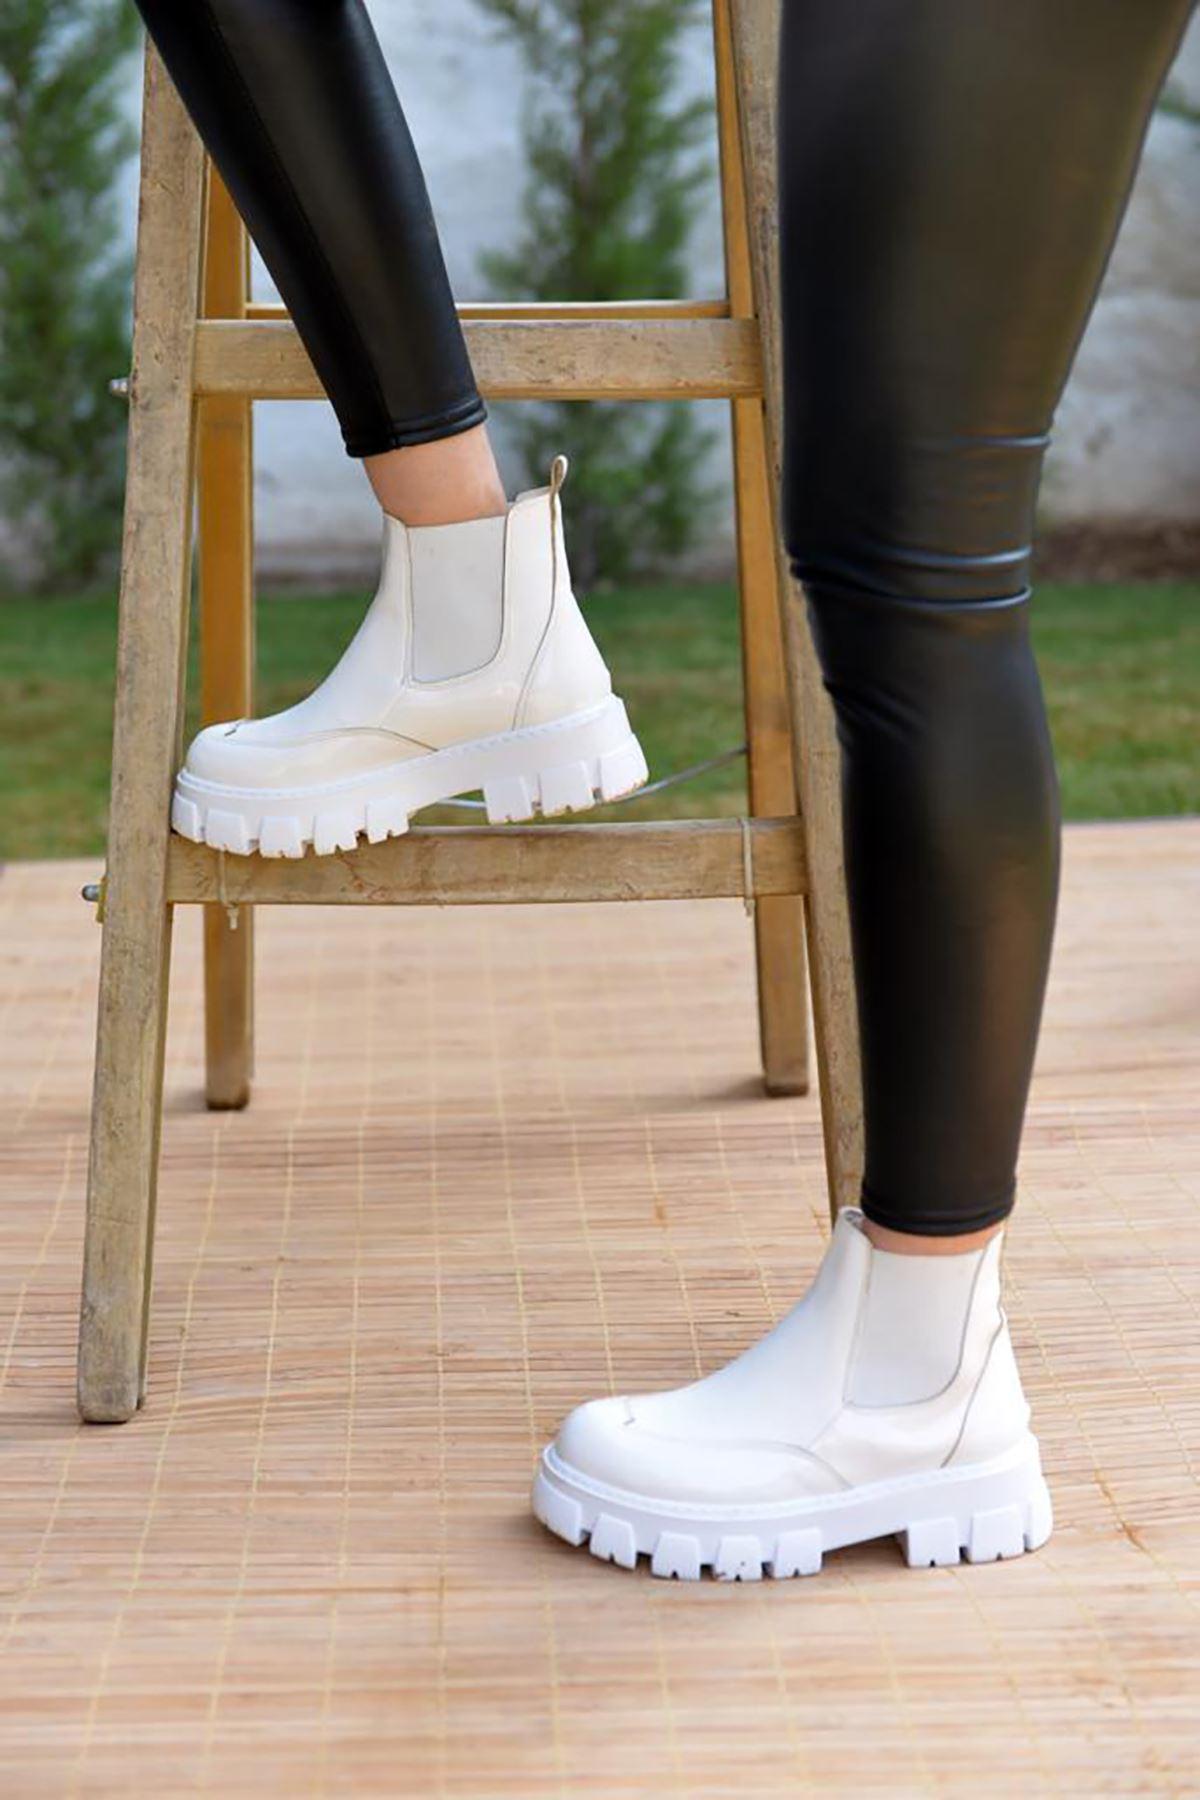 Urgot Beyaz Rugan Kadın Bot